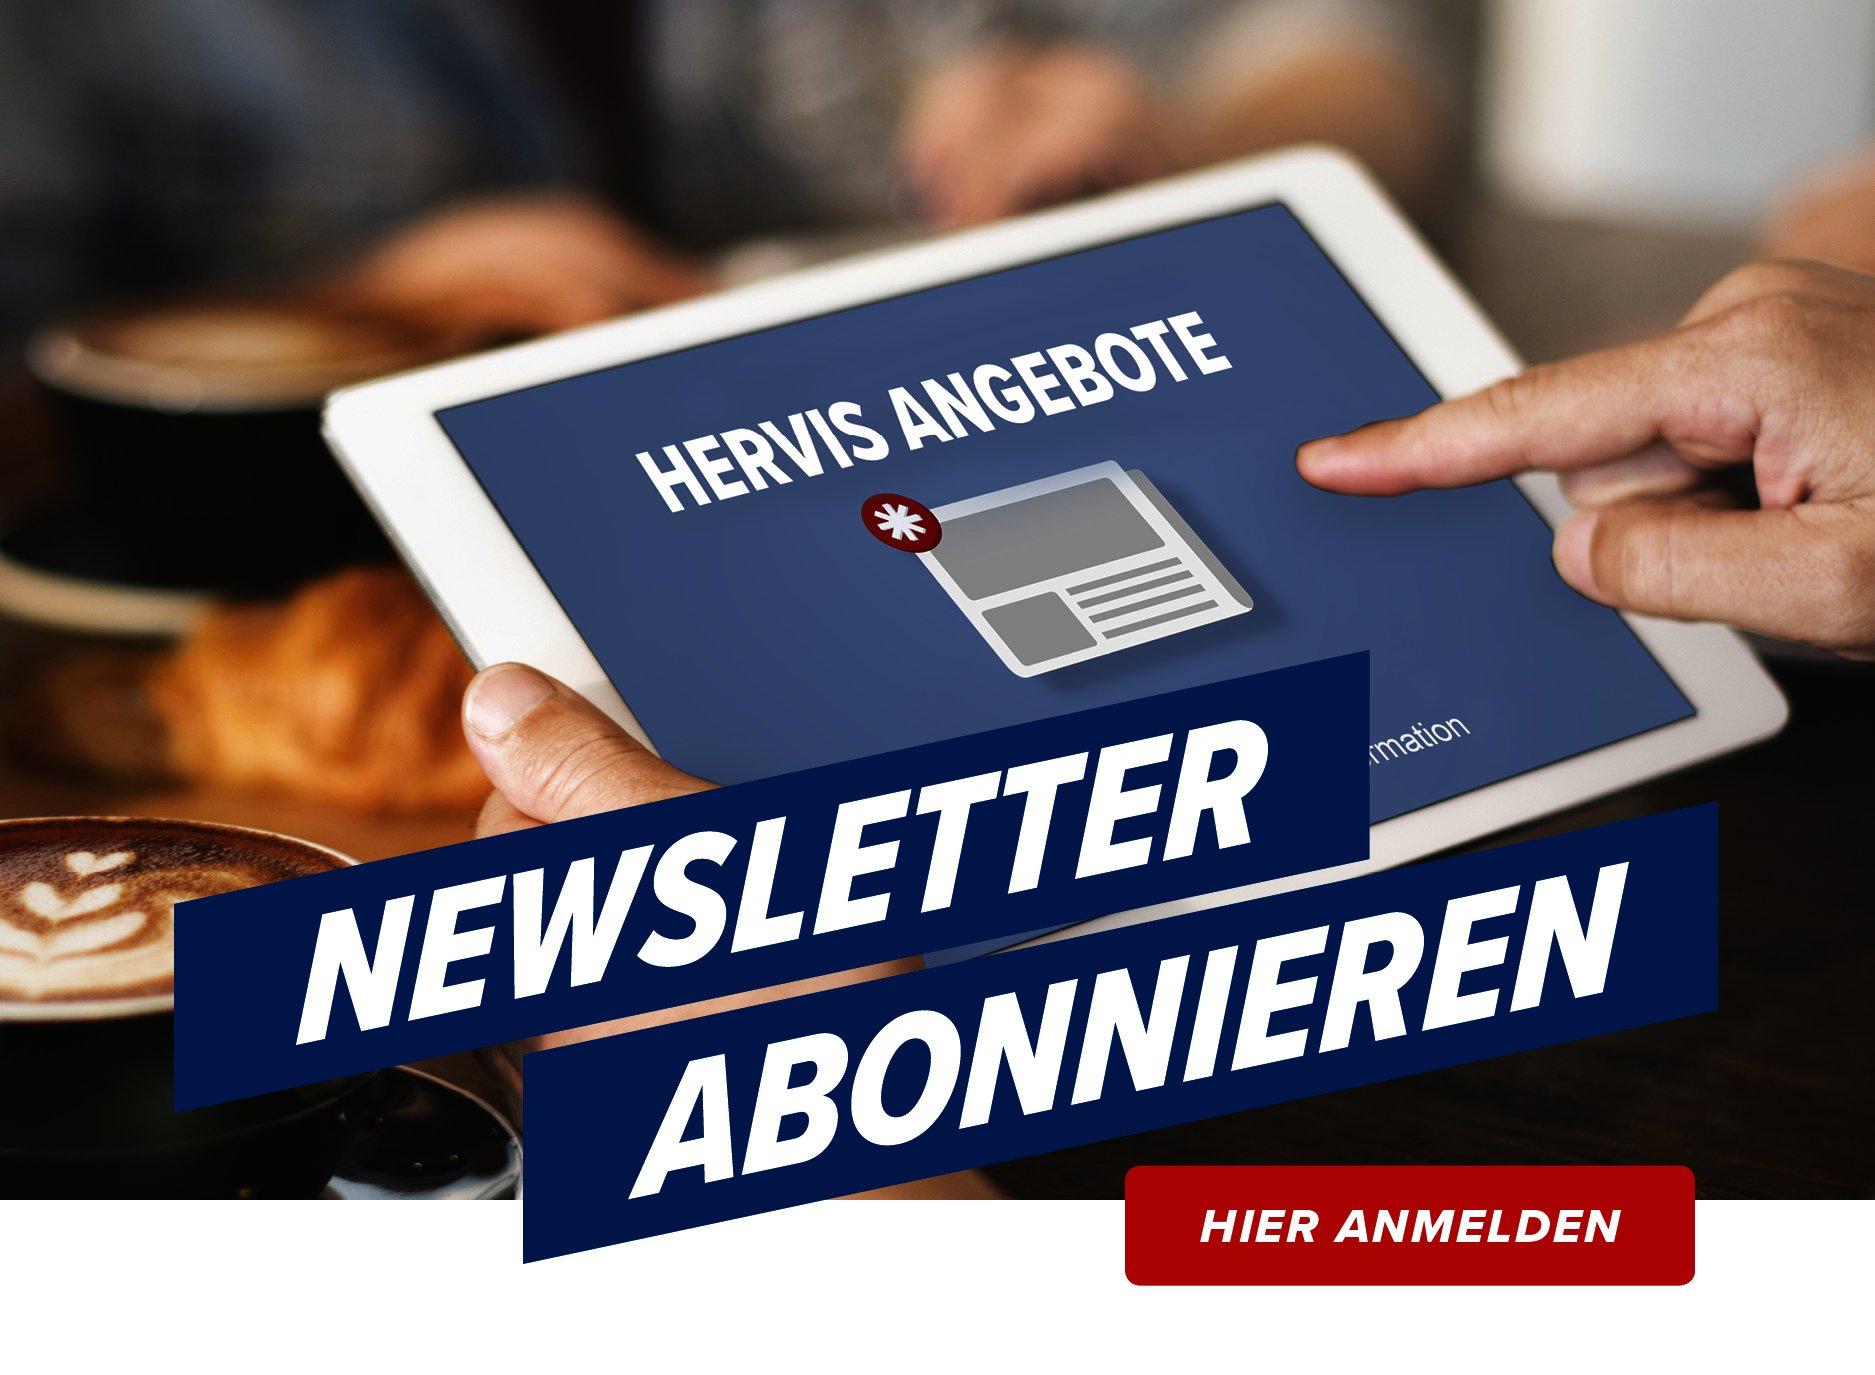 Hervis PopUp Store Missed | HERVIS Österreich